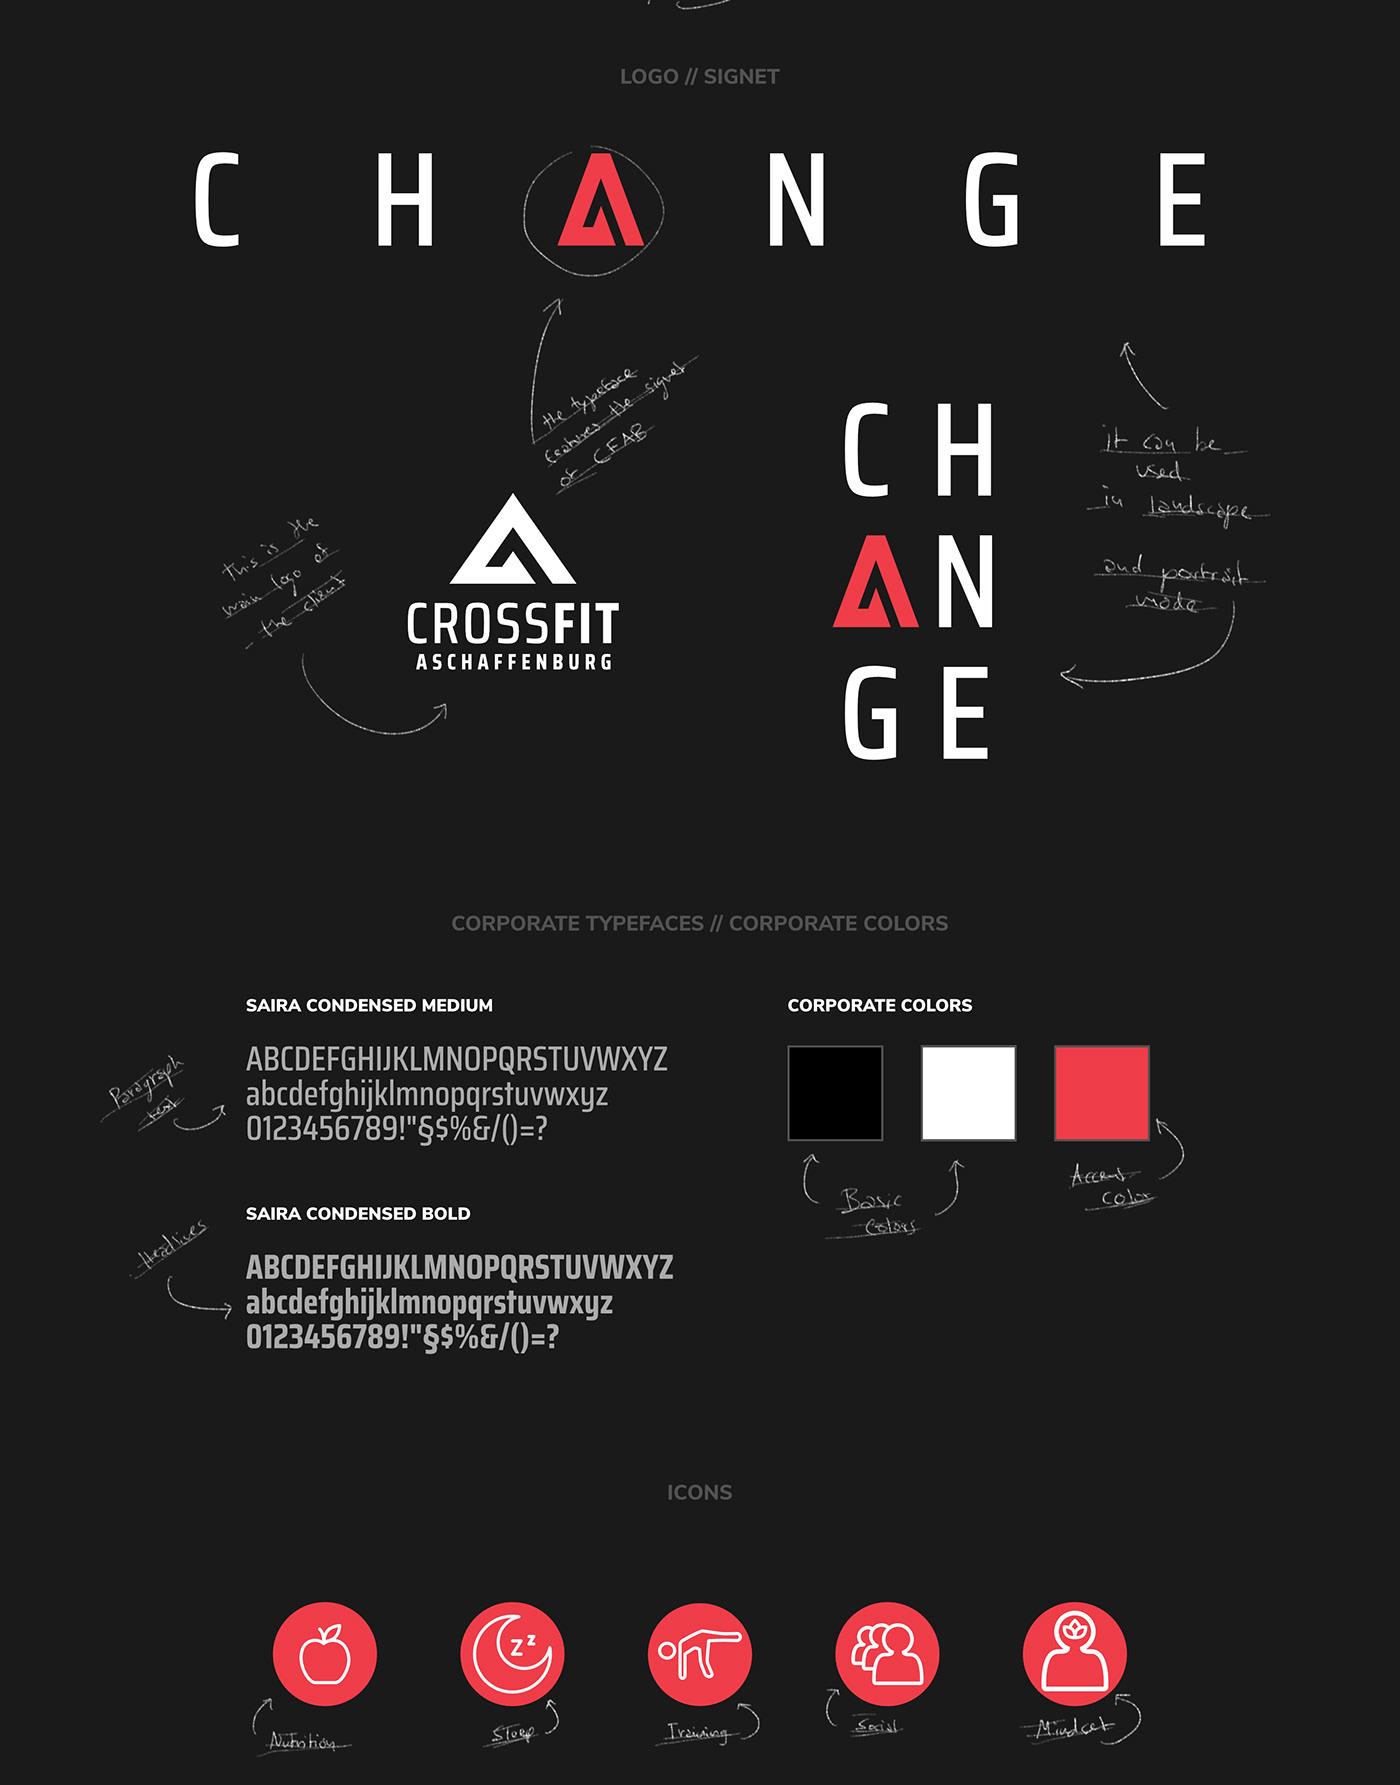 CROSSFIT ASCHAFFENBURG // Logo + Typeface